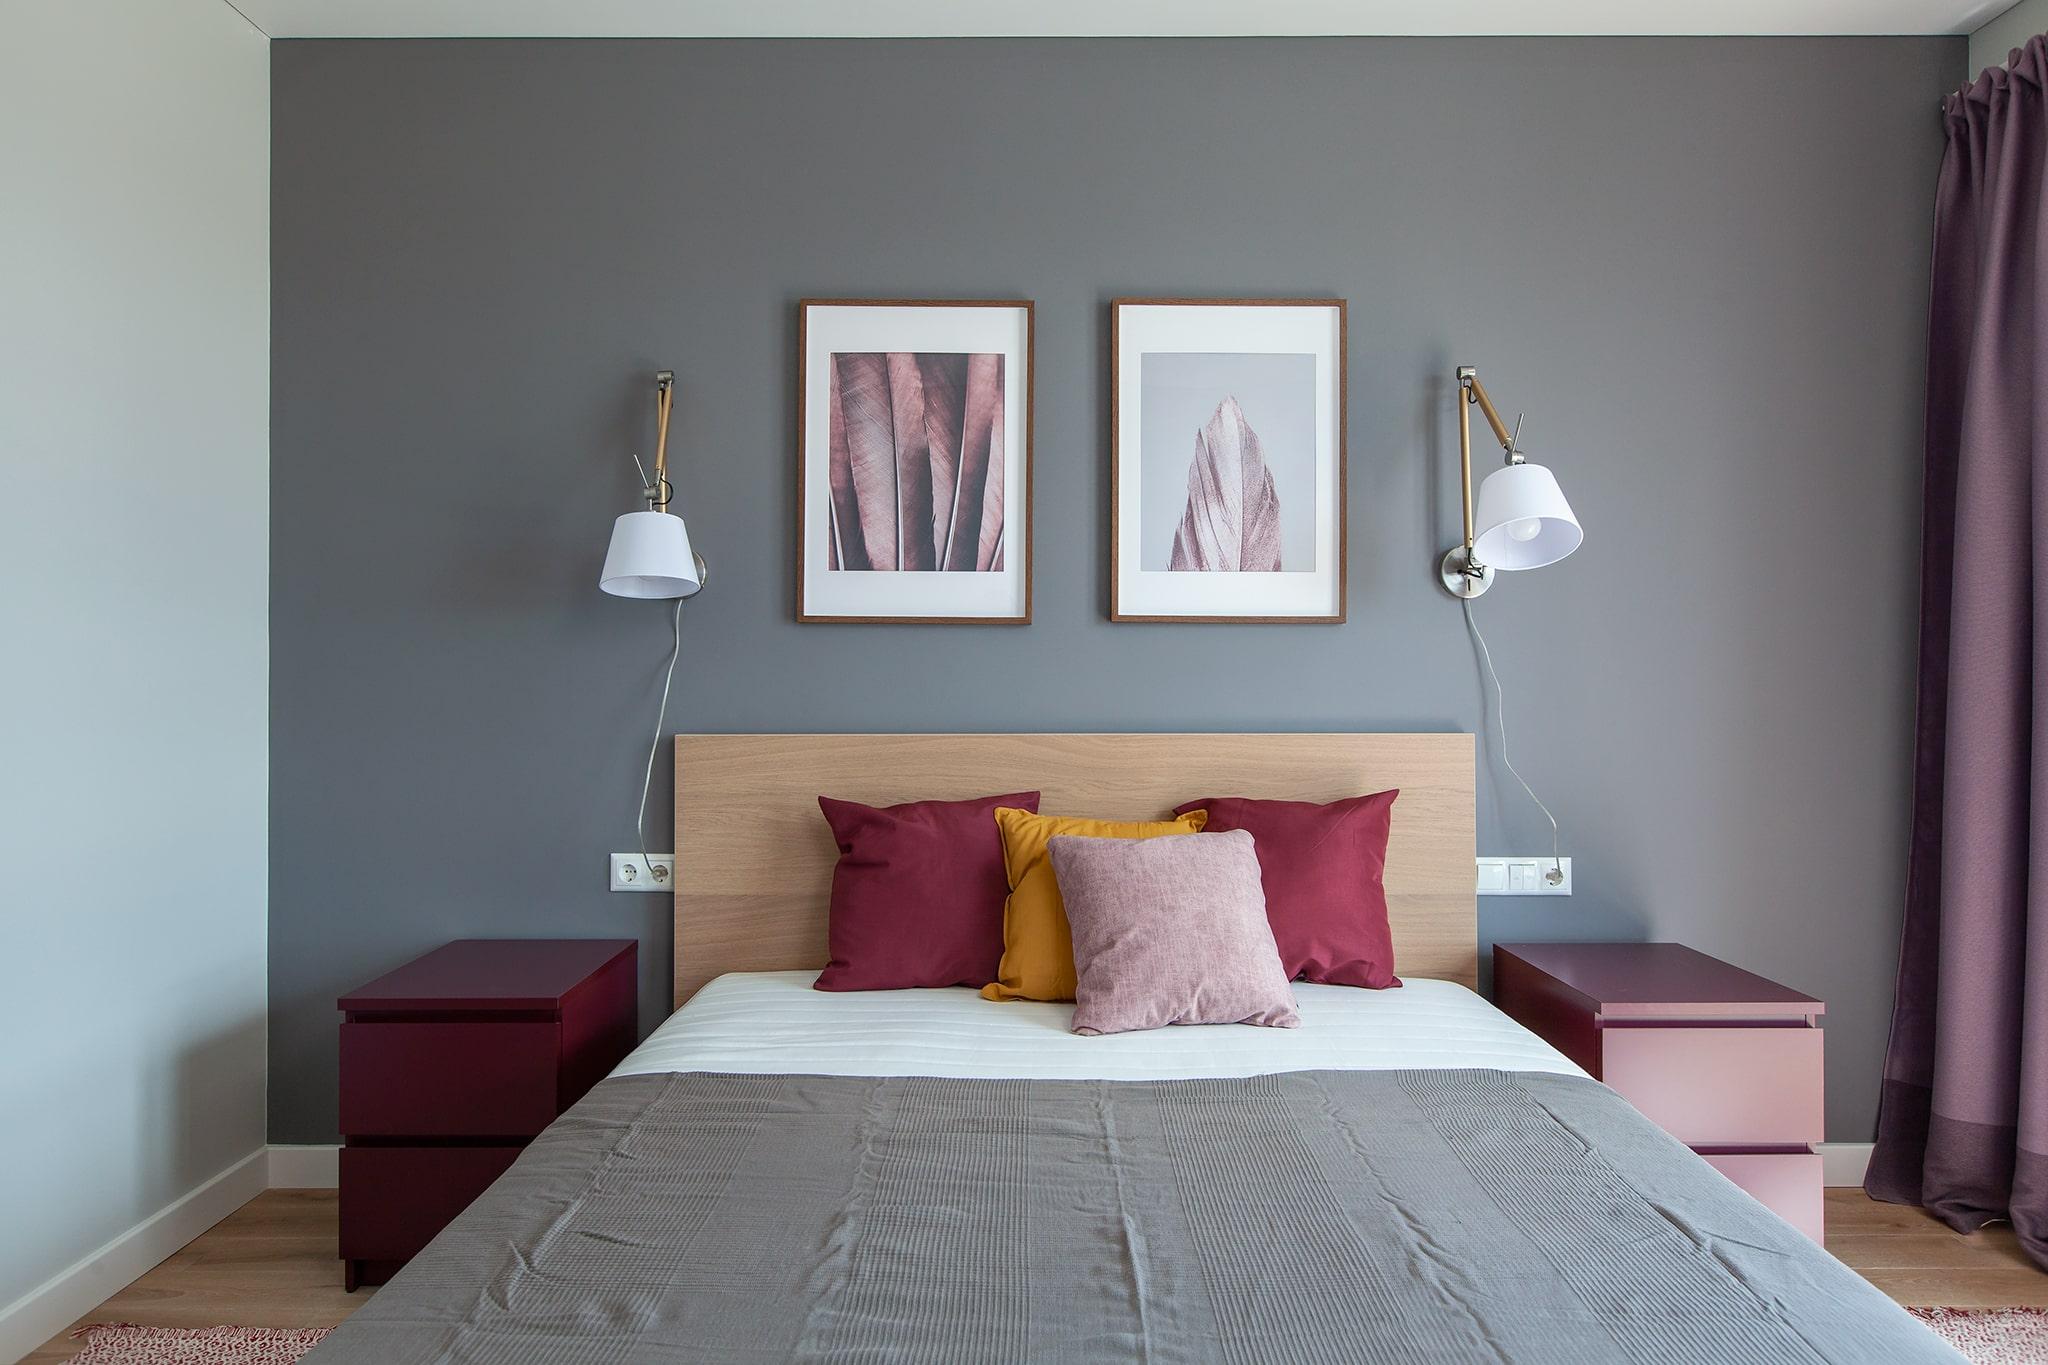 Visuose butuose yra visi komfortiškam gyvenimui reikalingi baldai